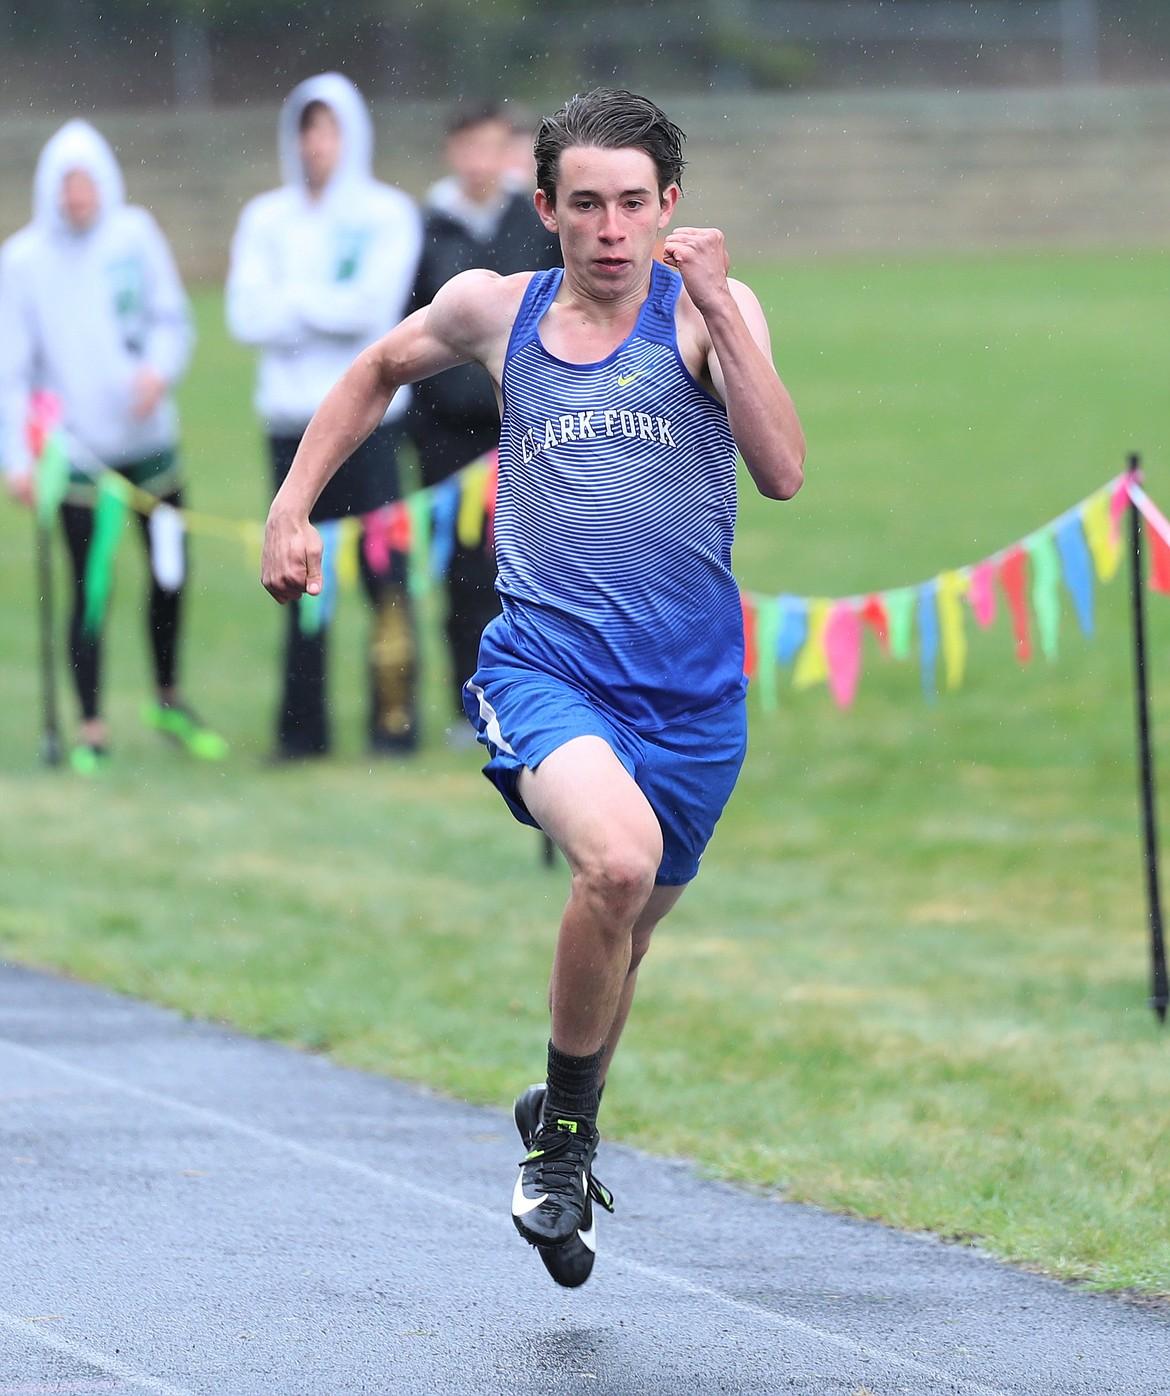 Joe Bopp runs the 200 on Saturday.